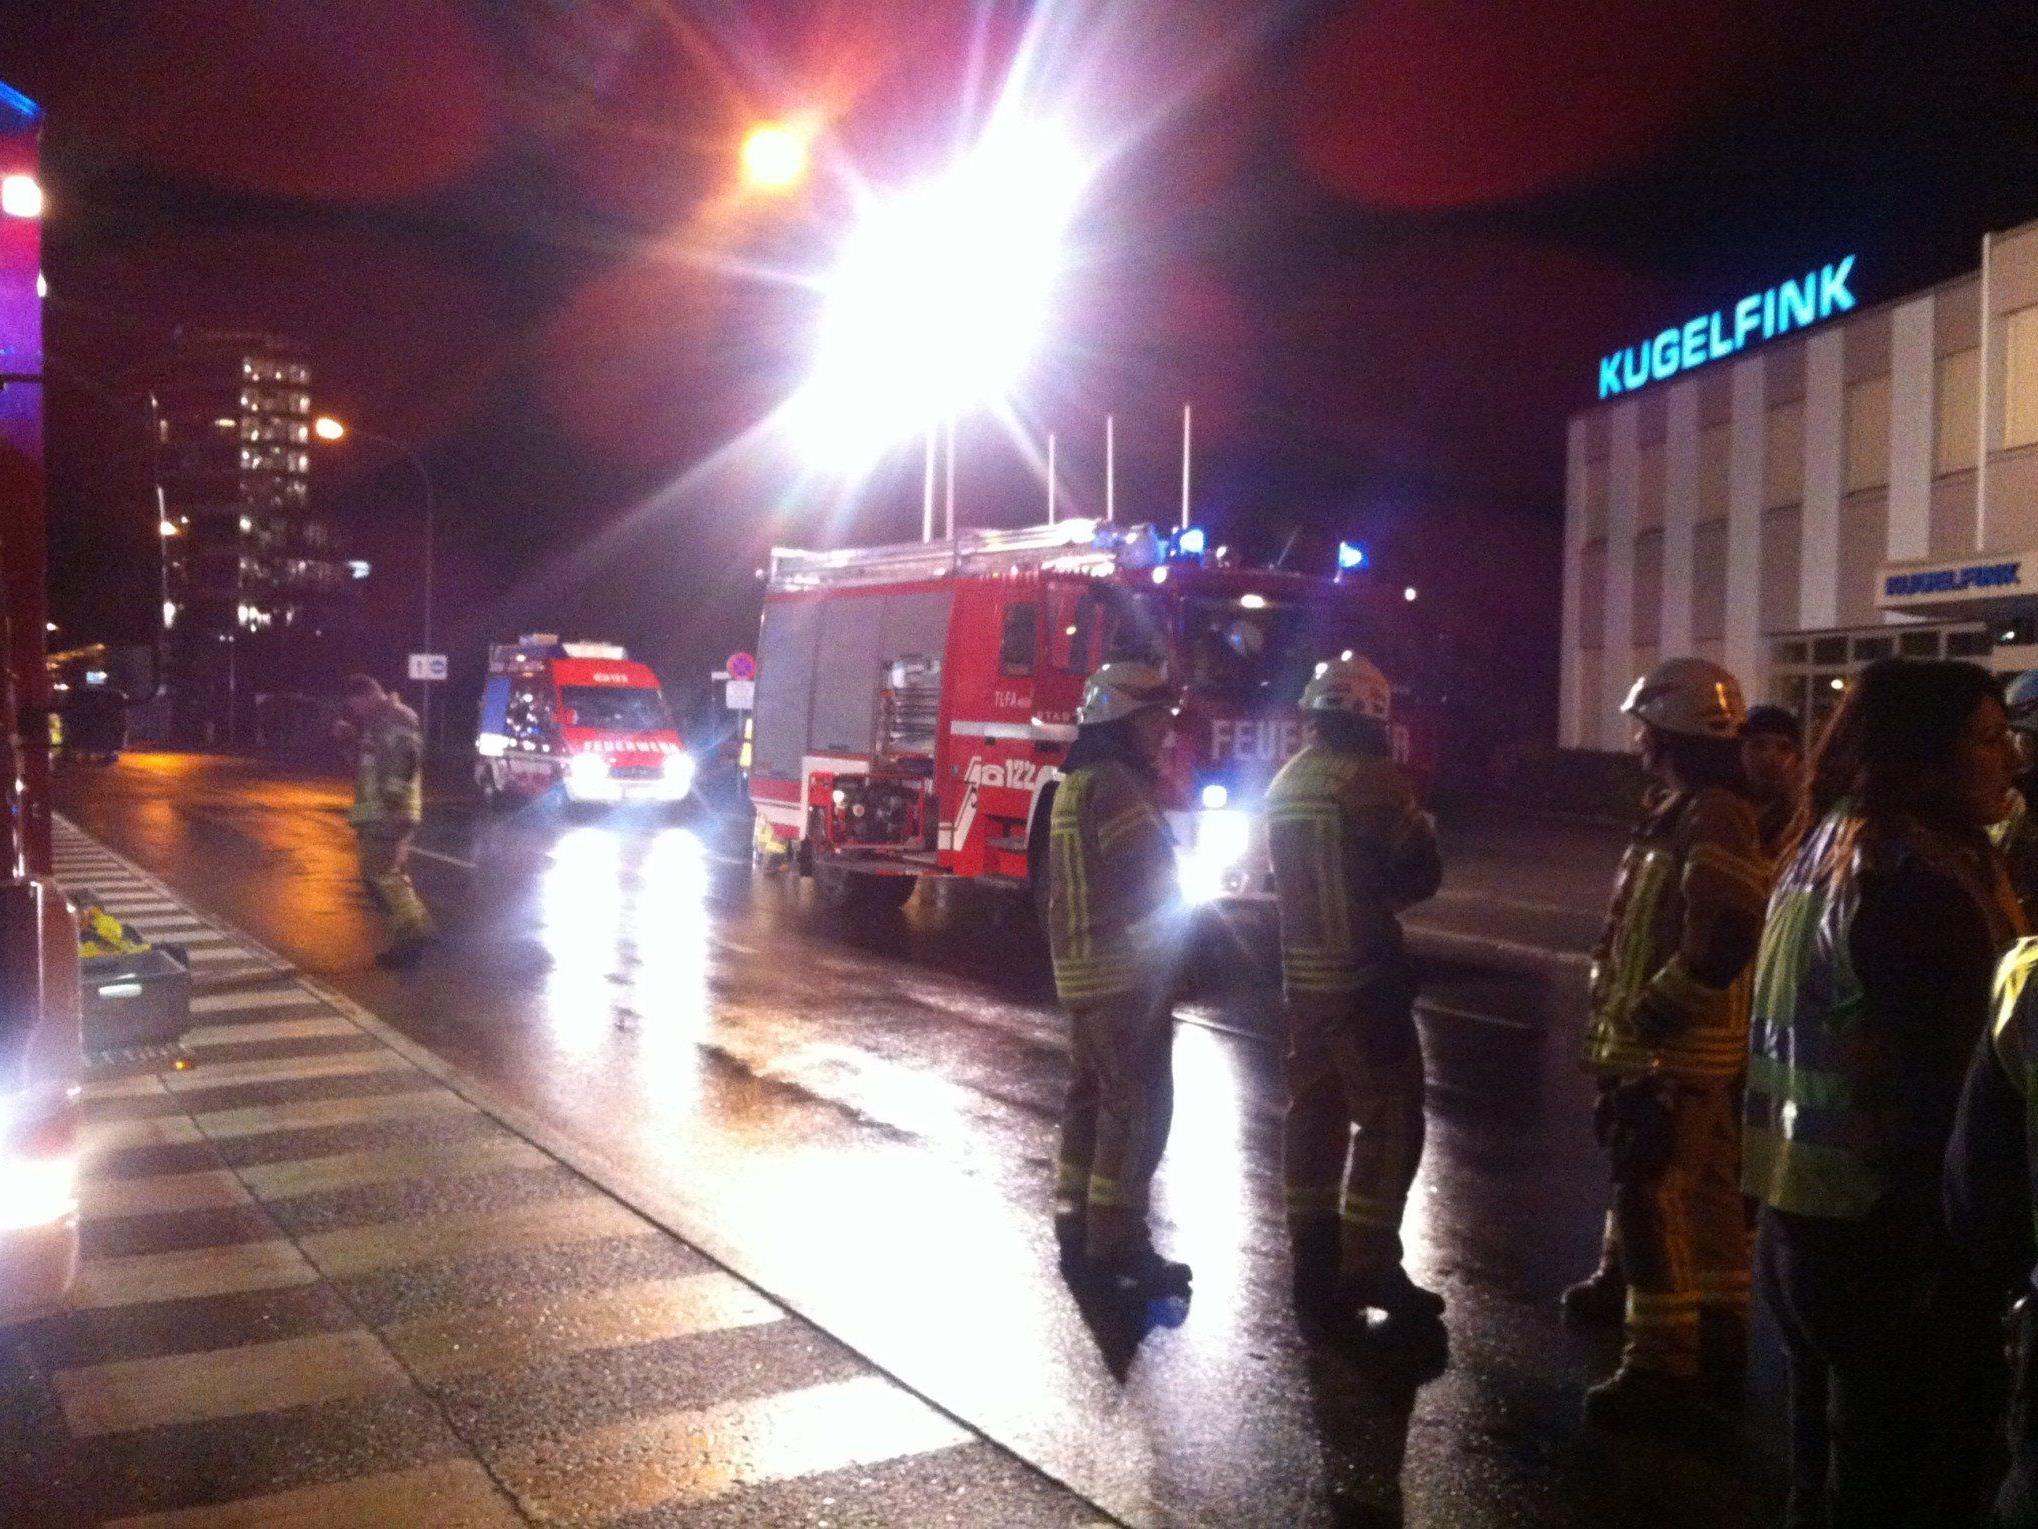 Die Feuerwehr riegelte die Messehalle weiträumig ab.